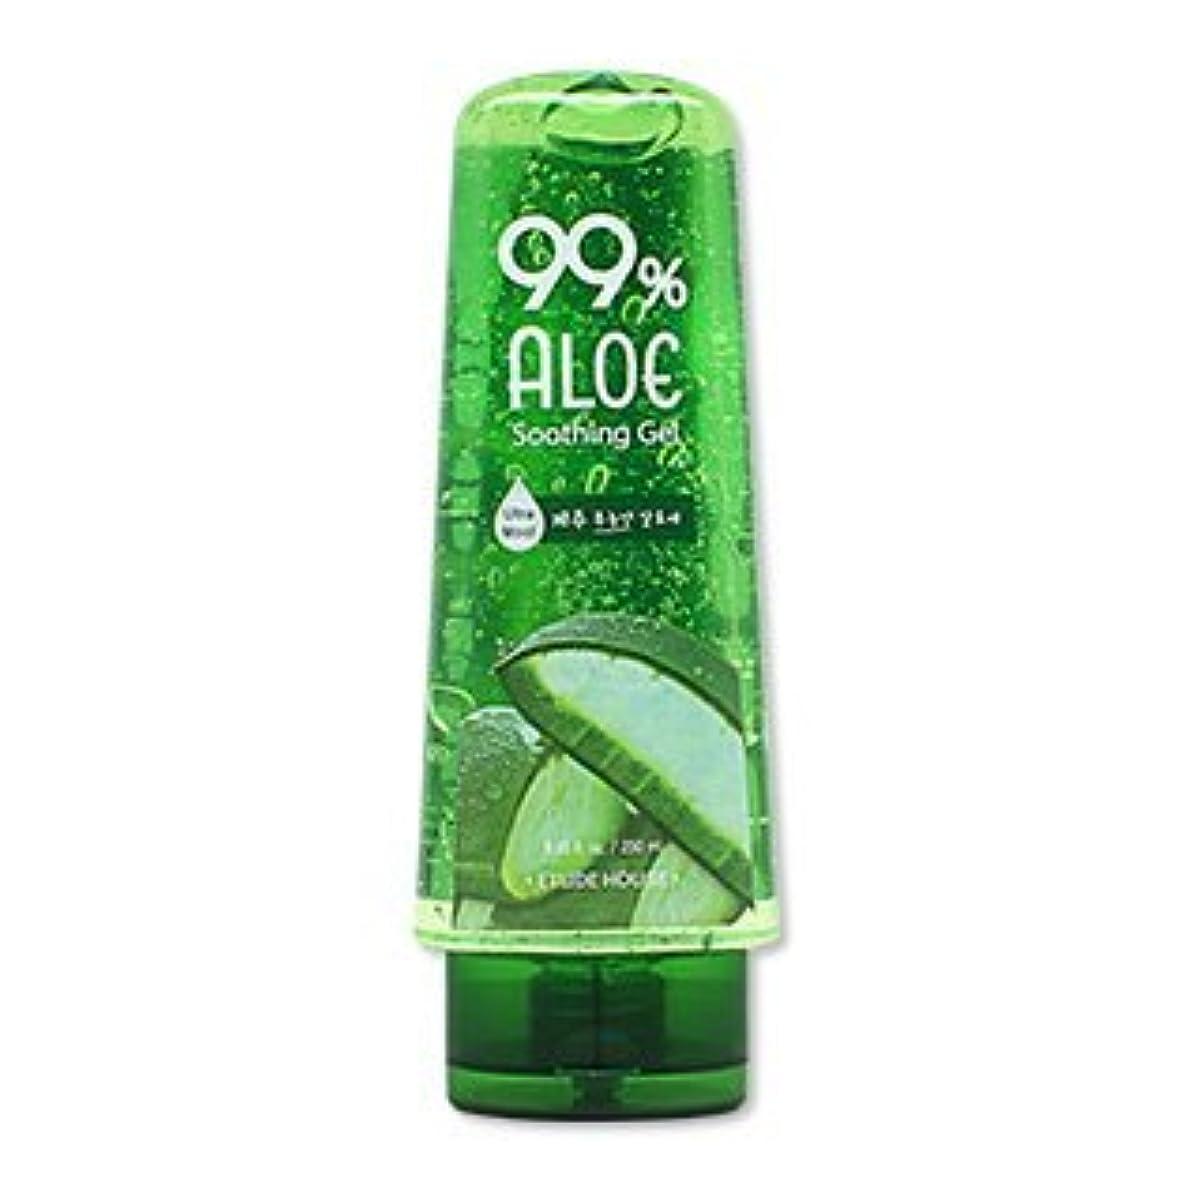 抑圧作者酸っぱいETUDE HOUSE 99% Aloe Soothing Gel 250ml/エチュードハウス 99% アロエ スージング ジェル 250ml